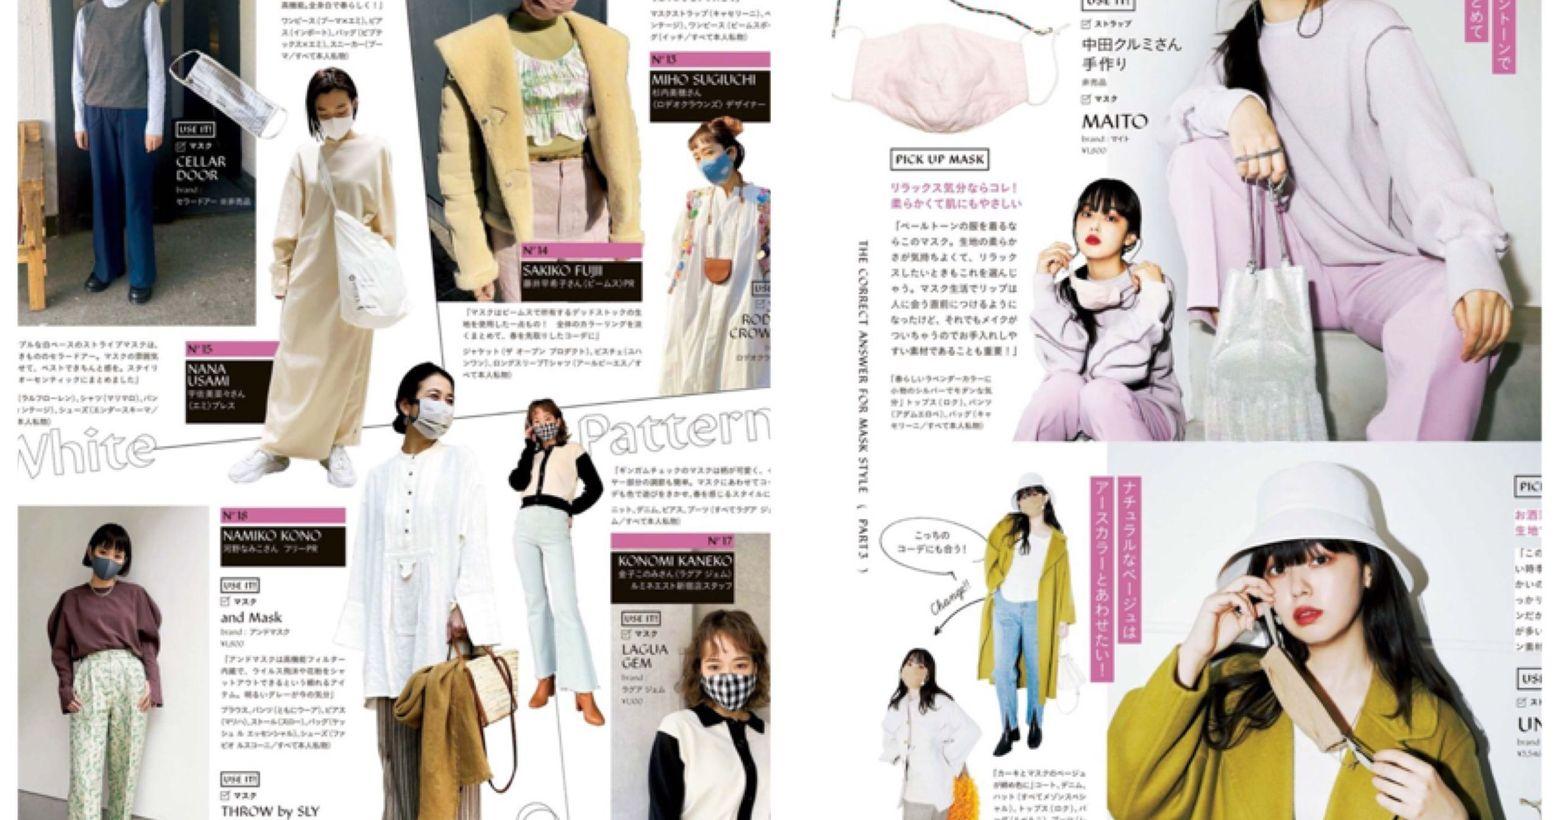 日本人🇯🇵的口罩穿搭!讓口罩變成你的時尚單品🕶️由於疫情關係口罩已經變成一個不可或缺的物品,除